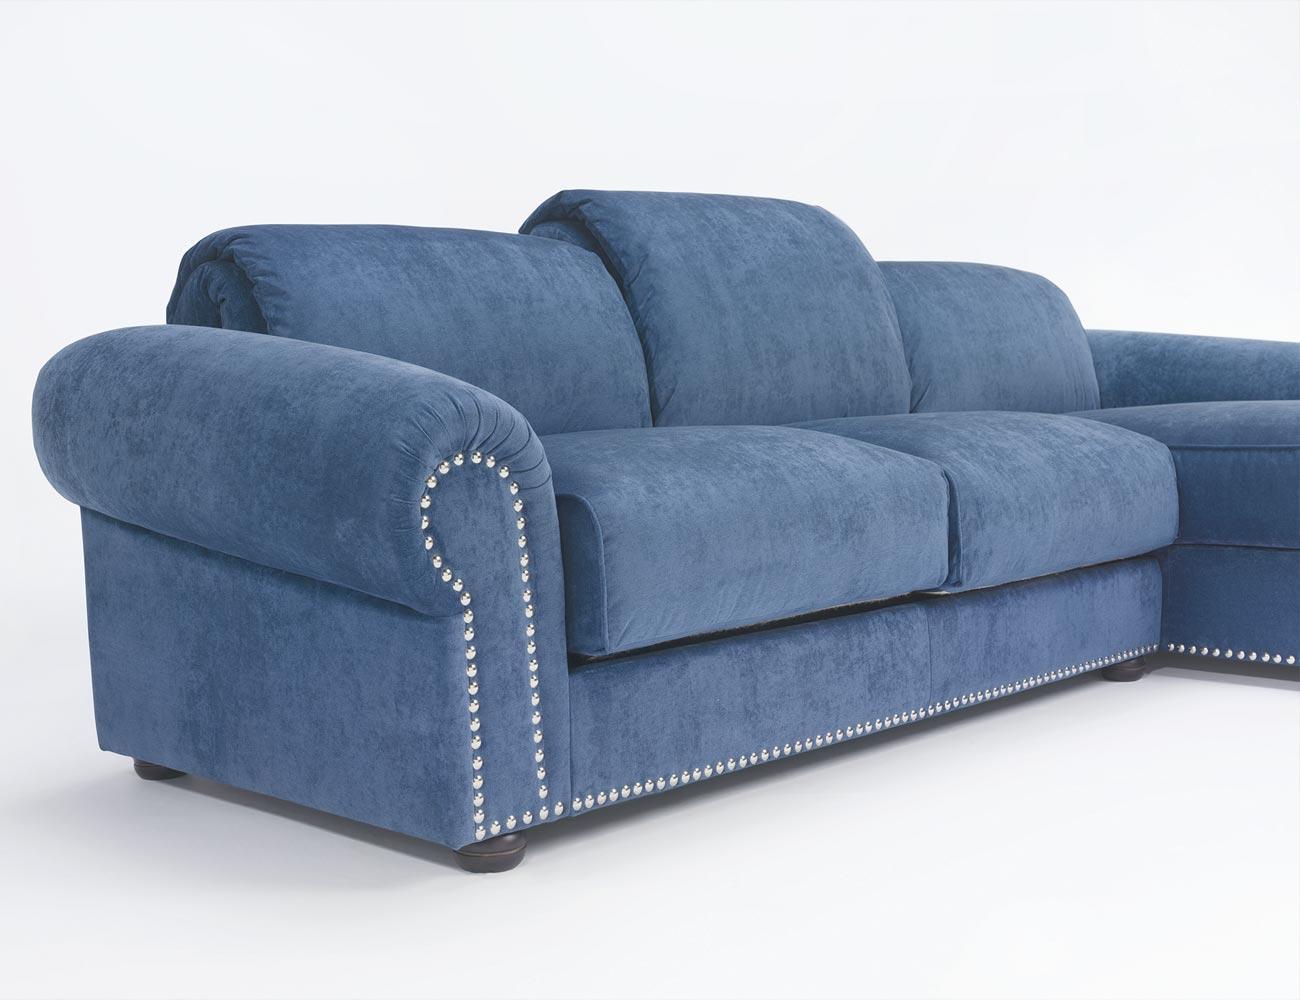 Sofa chaiselongue gran lujo decorativo azul 17